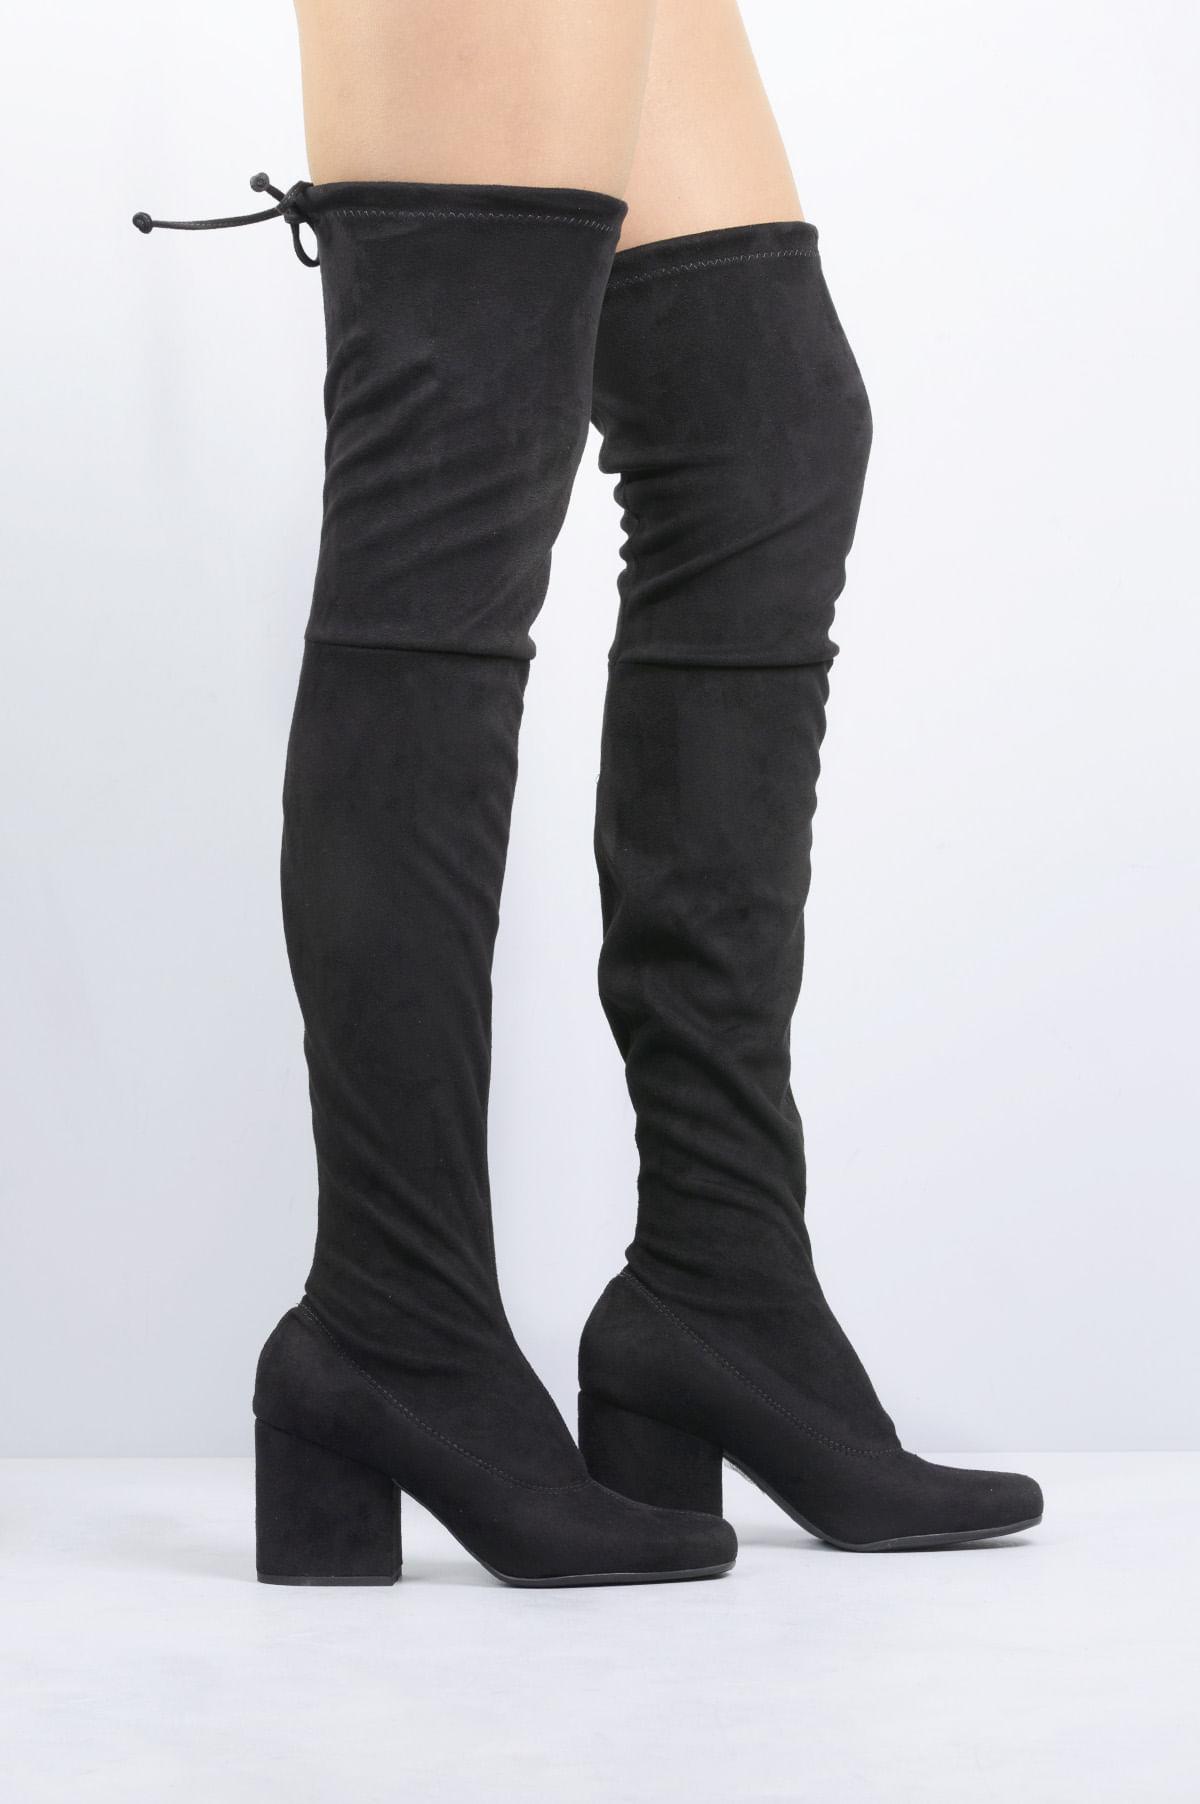 274bcef70d0 Bota Feminina Salto Alto Blair Mundial CAM - PRETO - Mundial Calçados